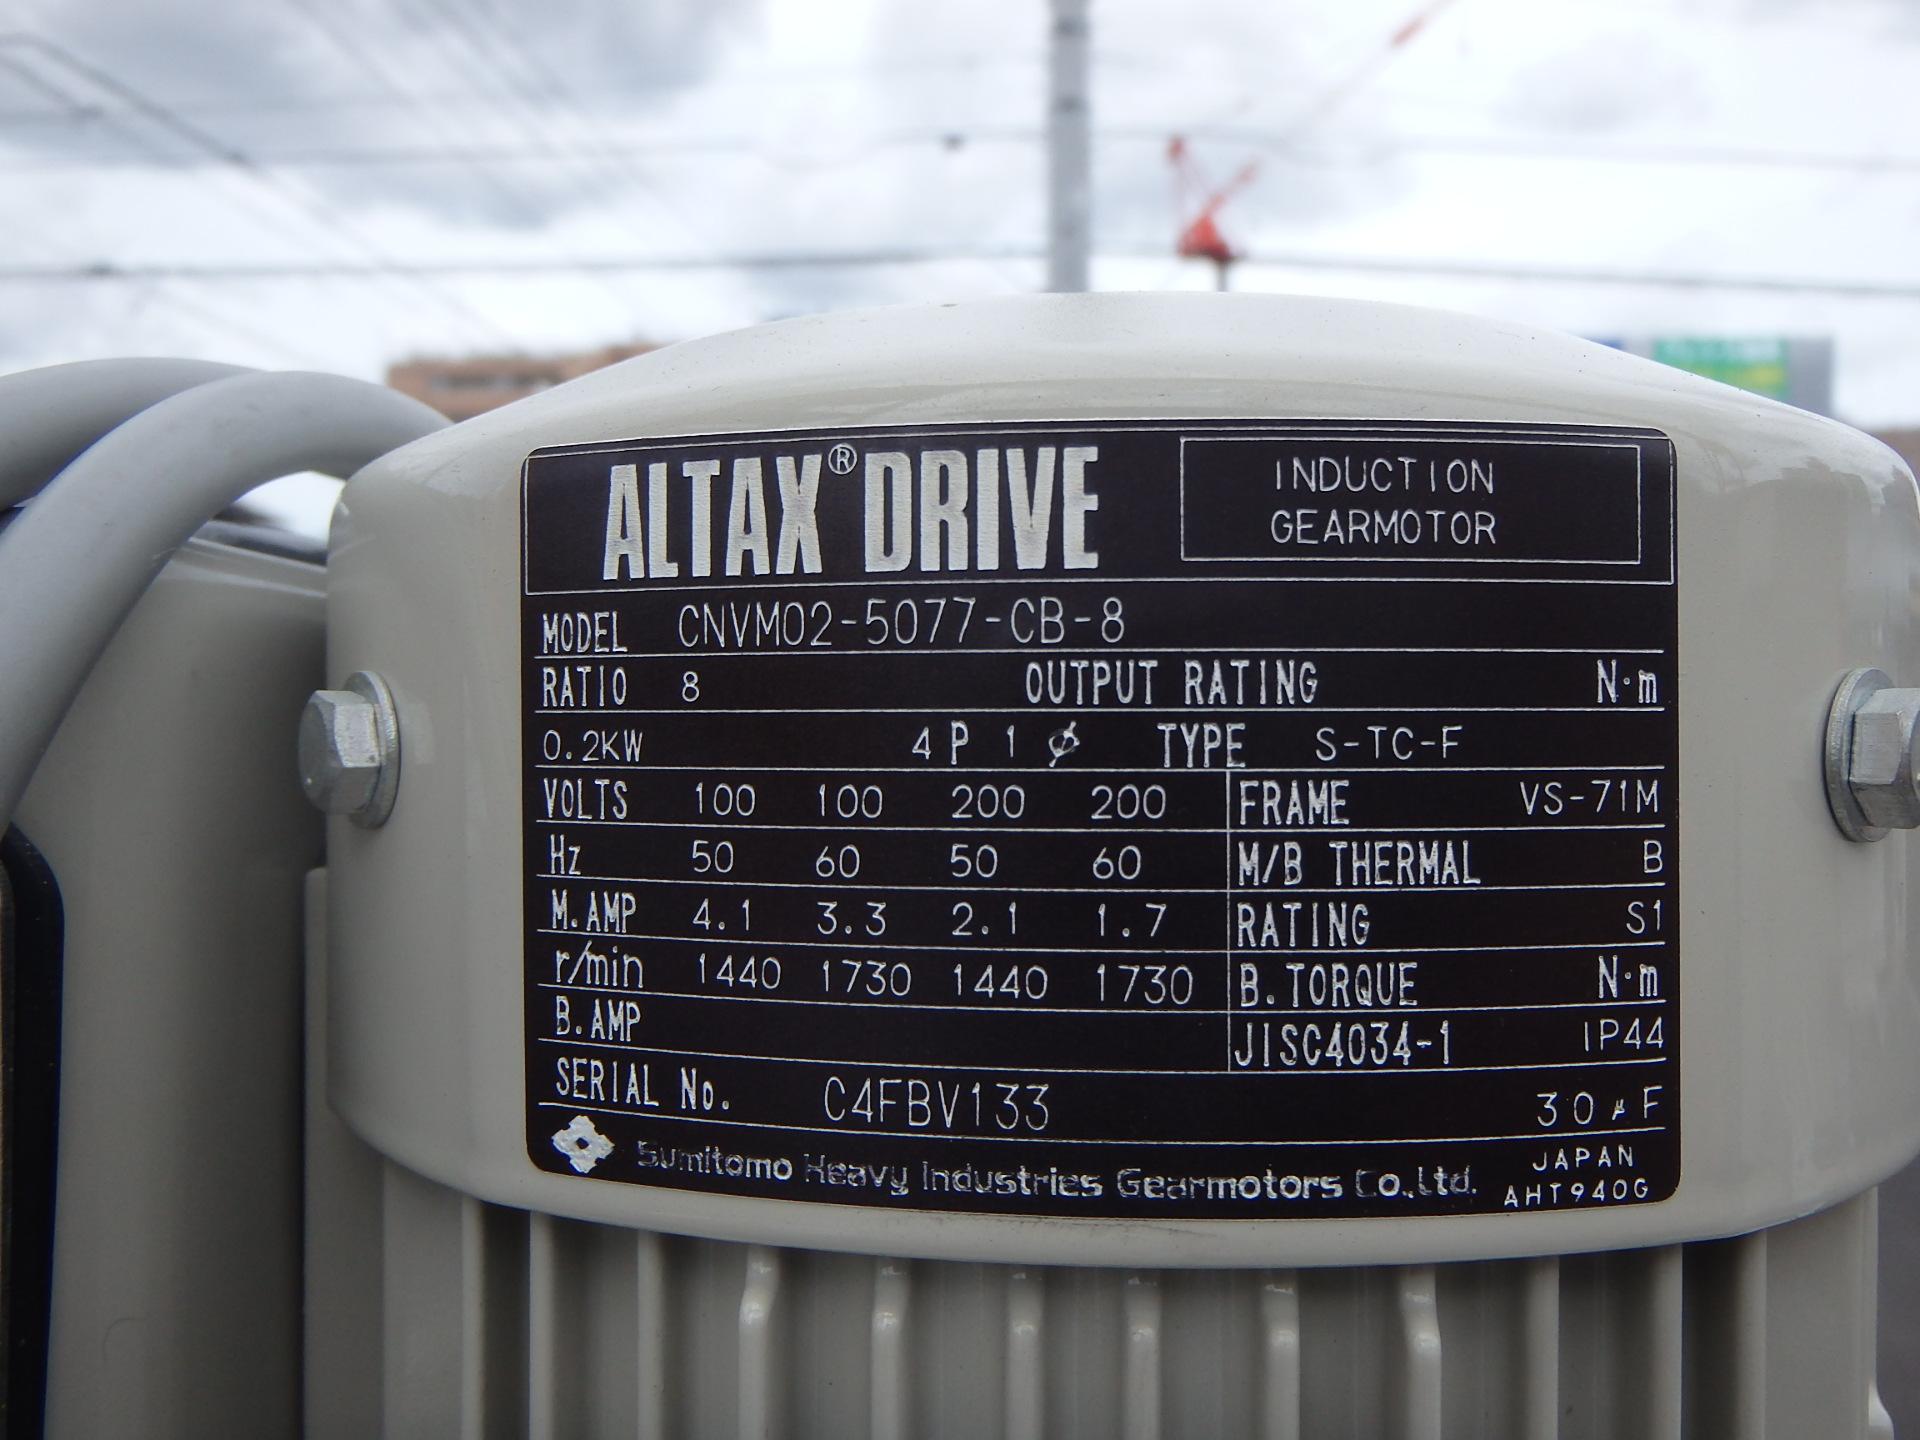 スイコー製 1,000L撹拌機付きポリタンク 005-photo